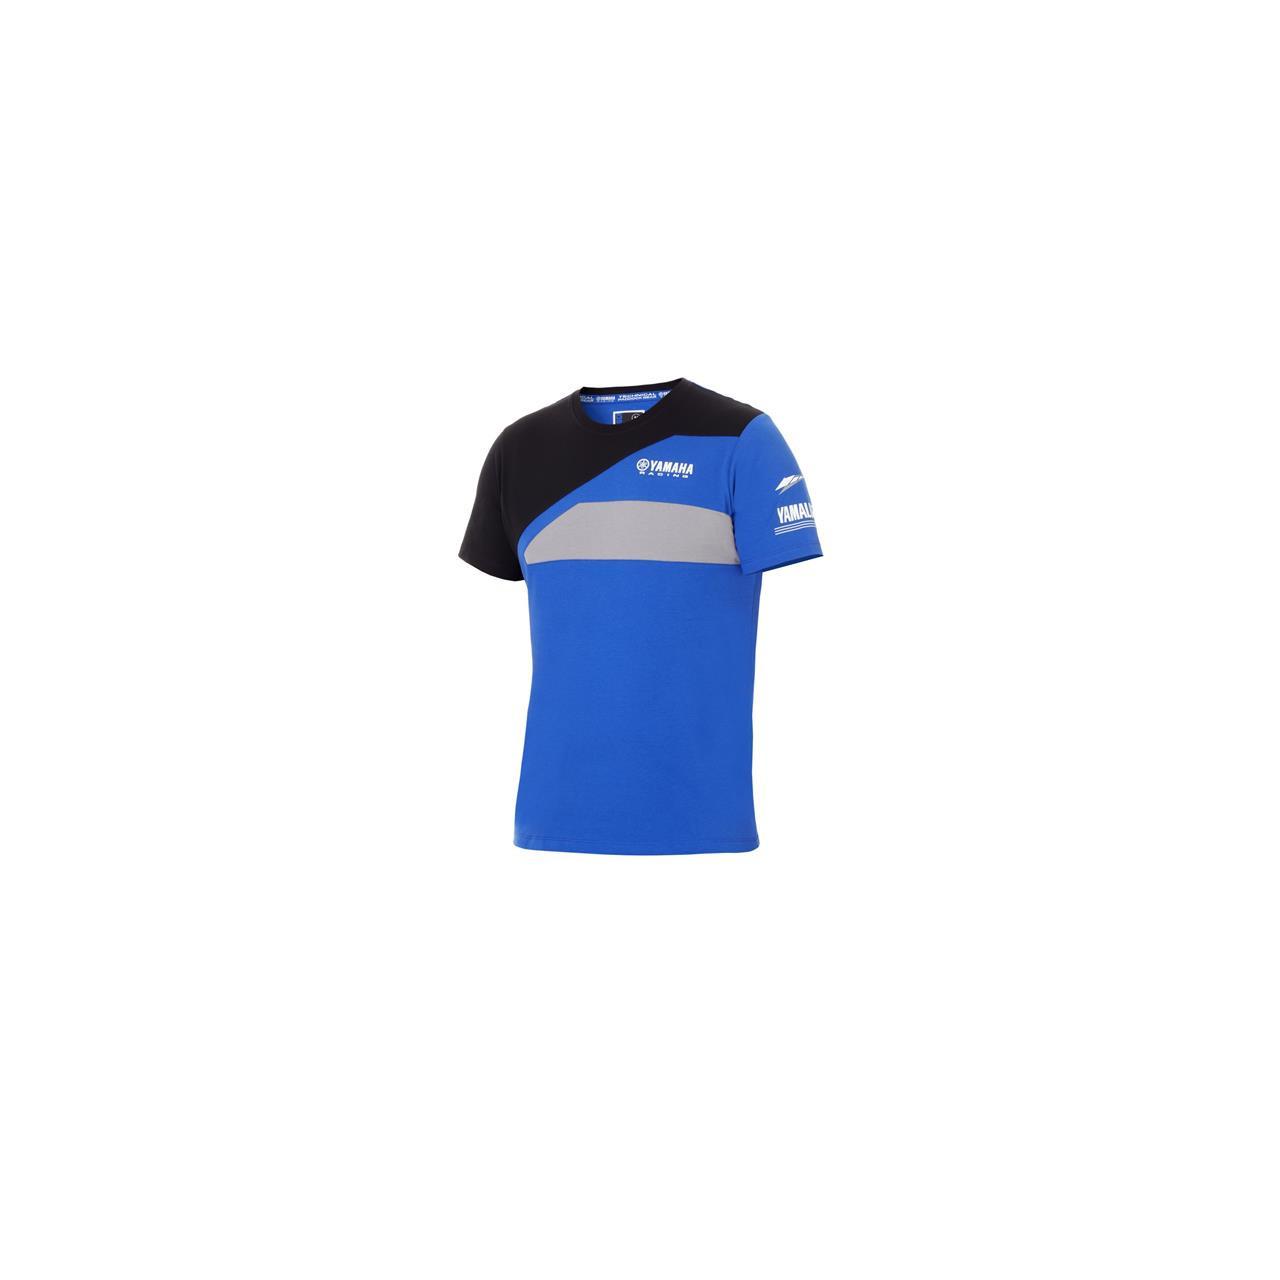 YAMAHA T-shirt Paddock Bleu pour homme 2018